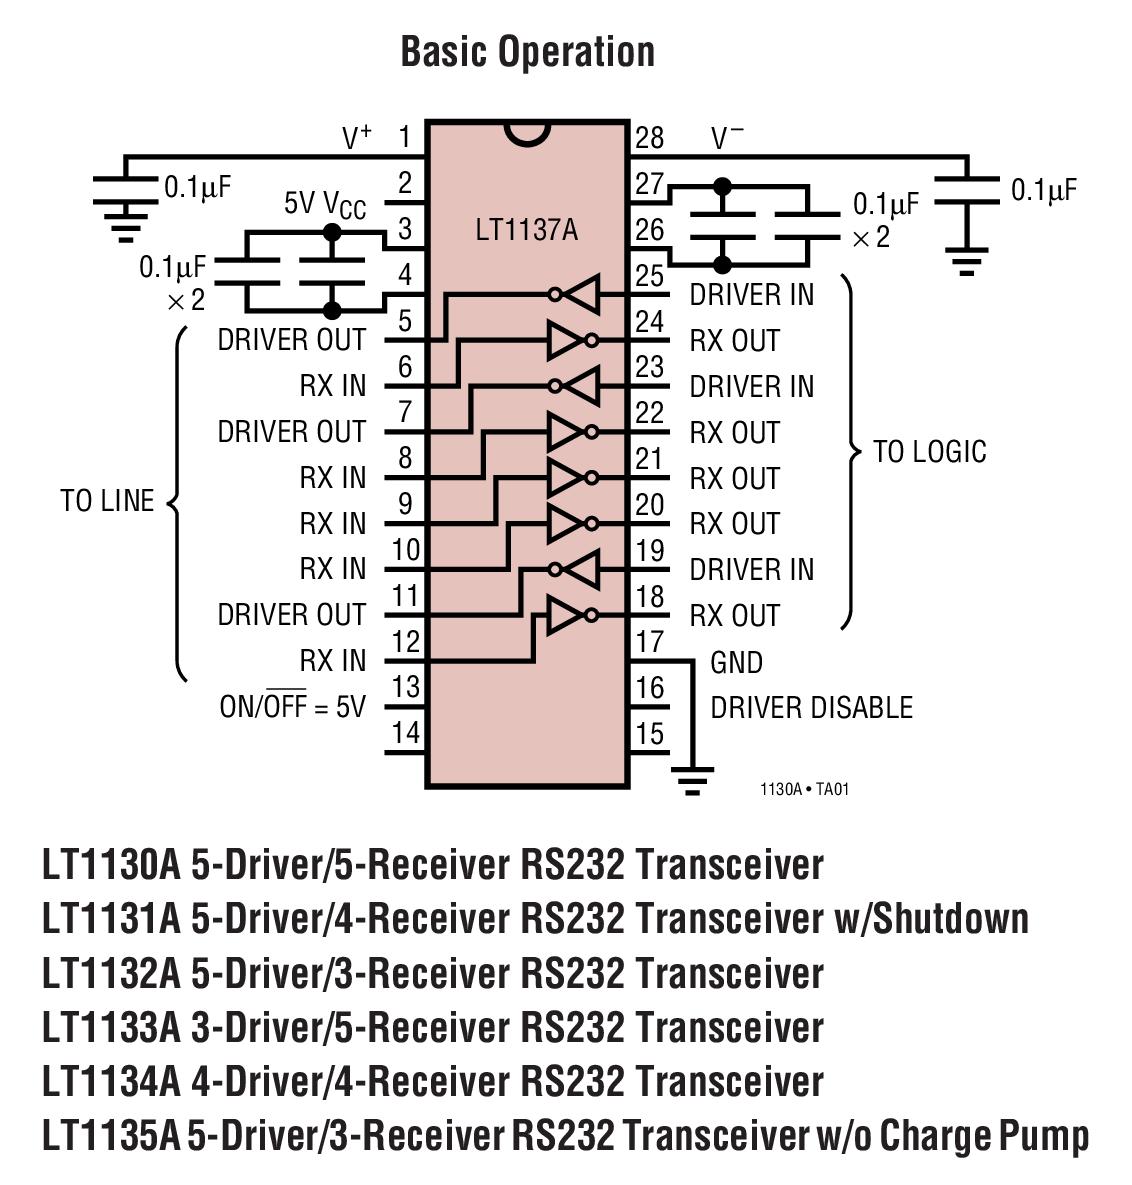 LT1141A 采用小电容器的先进低功率 5V RS232 驱动器 / 接收器